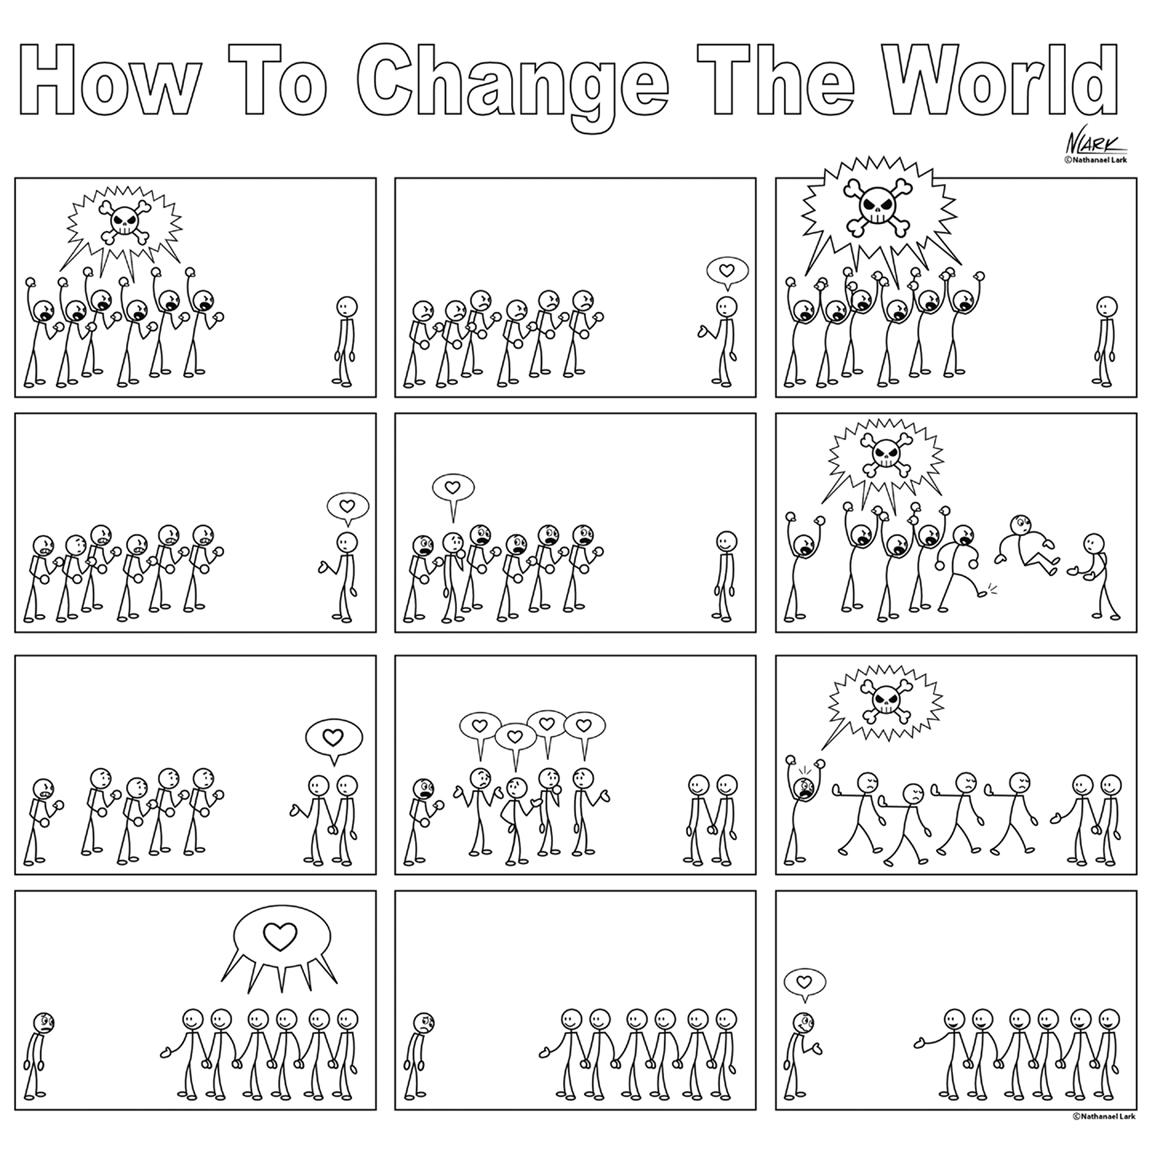 איך לשנות את העולם